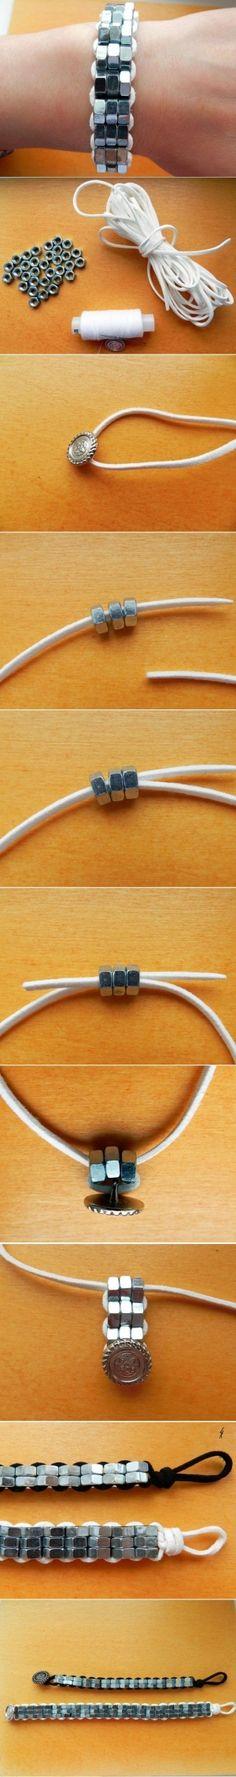 DIY Steel Nuts Bracelet DIY Steel Nuts Bracelet by diyforever